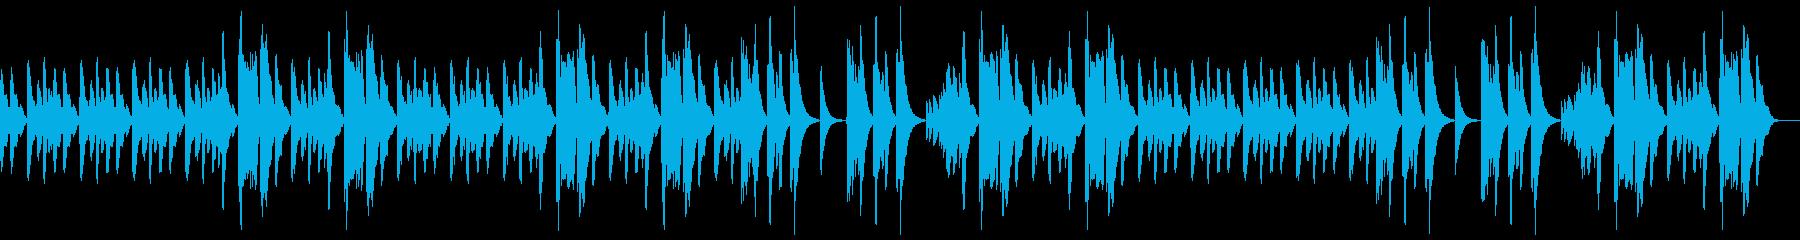 (ピアノソロ)ゆったりとした曲、ほのぼのの再生済みの波形